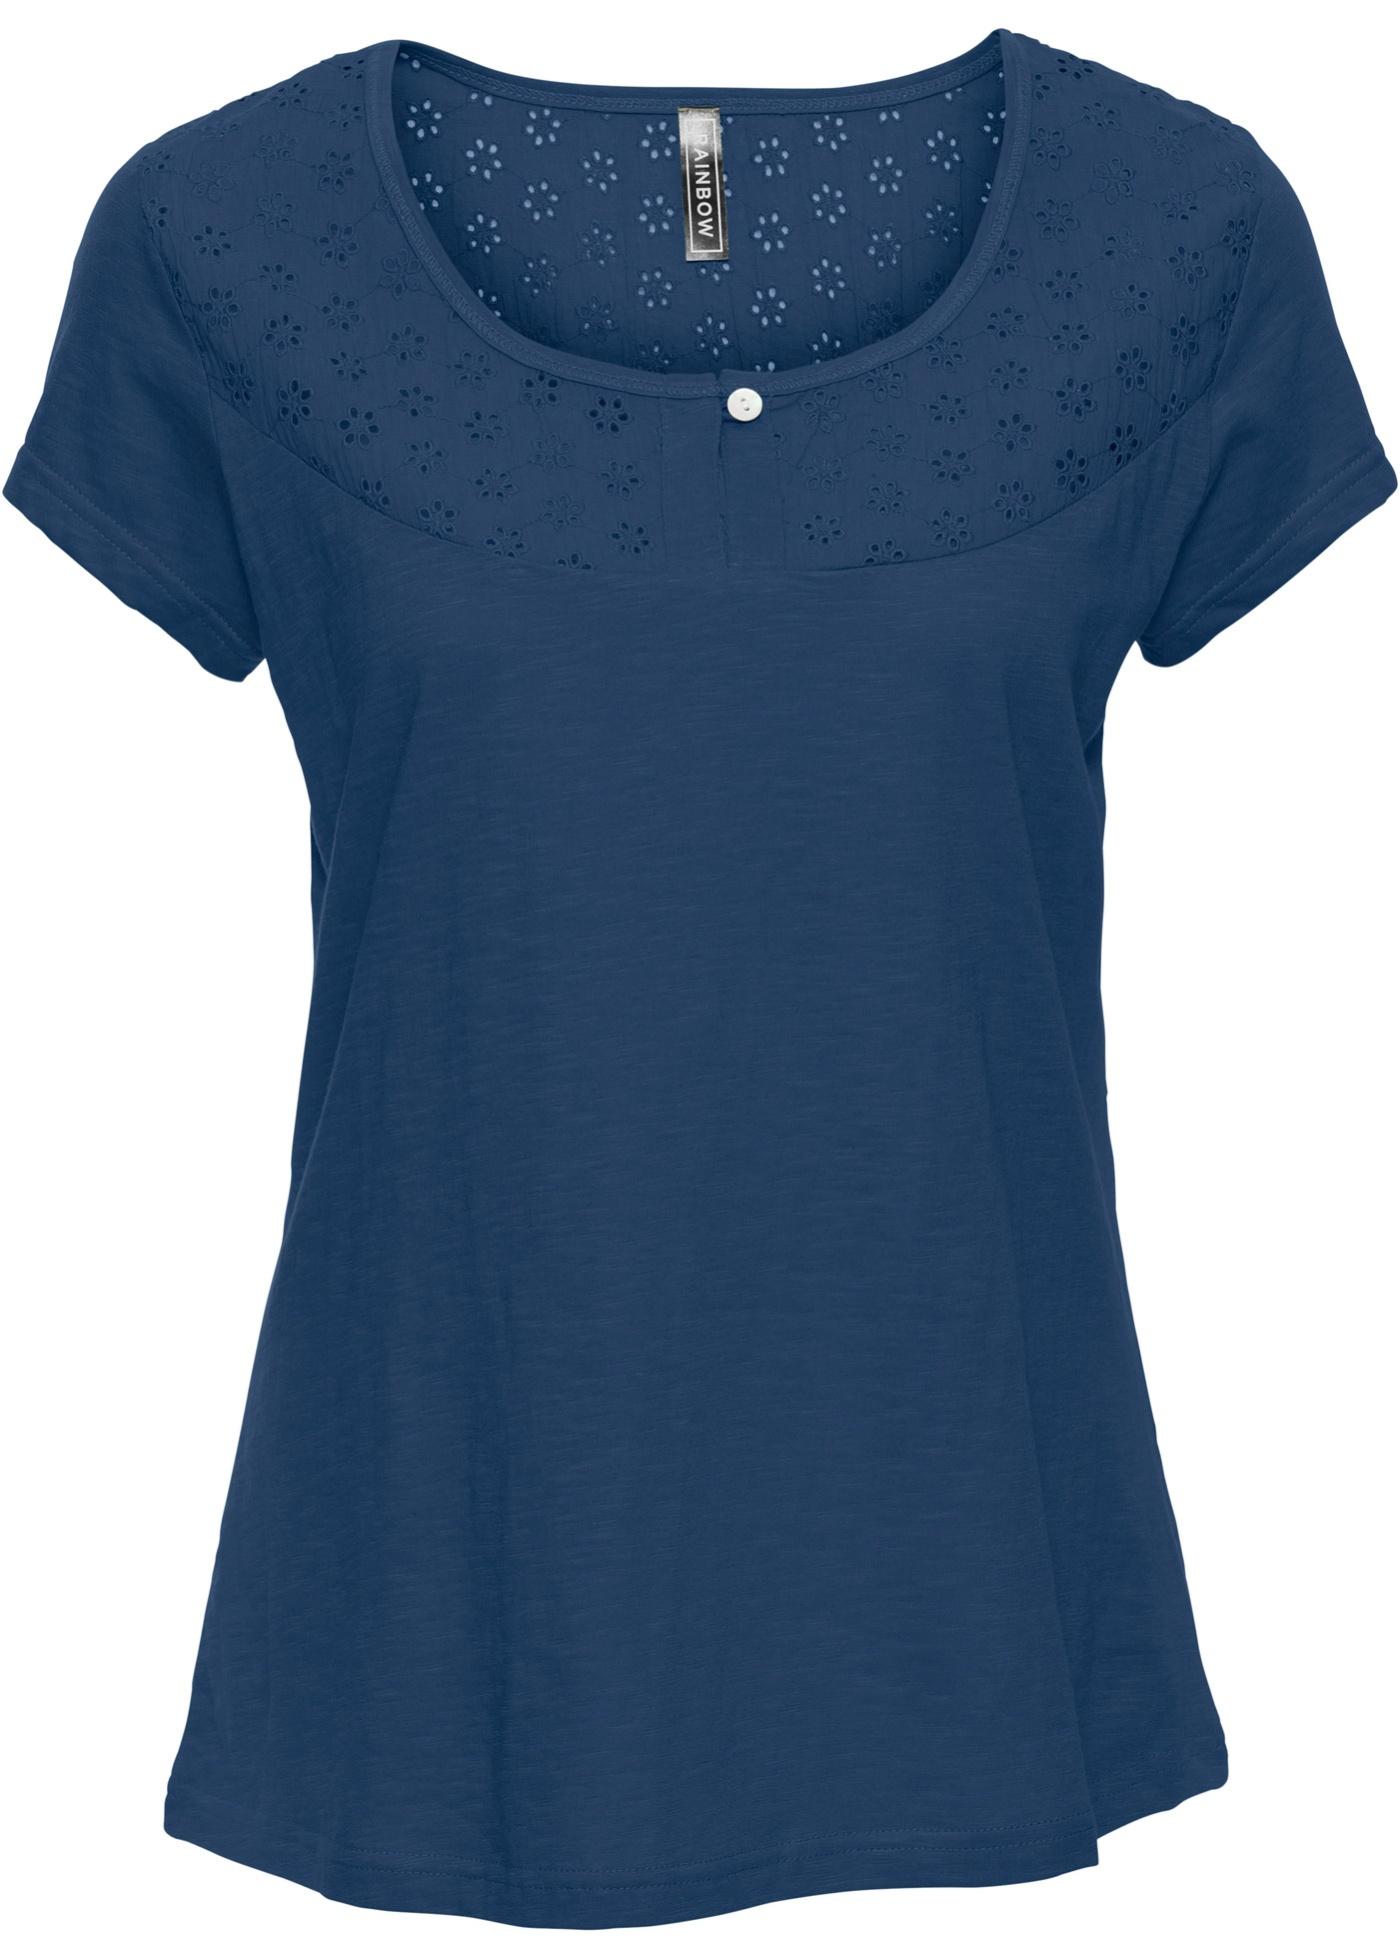 Femme Courtes BonprixT Manches Pour Bleu Avec Motif Ajouré shirt Rainbow PkX0O8nNw